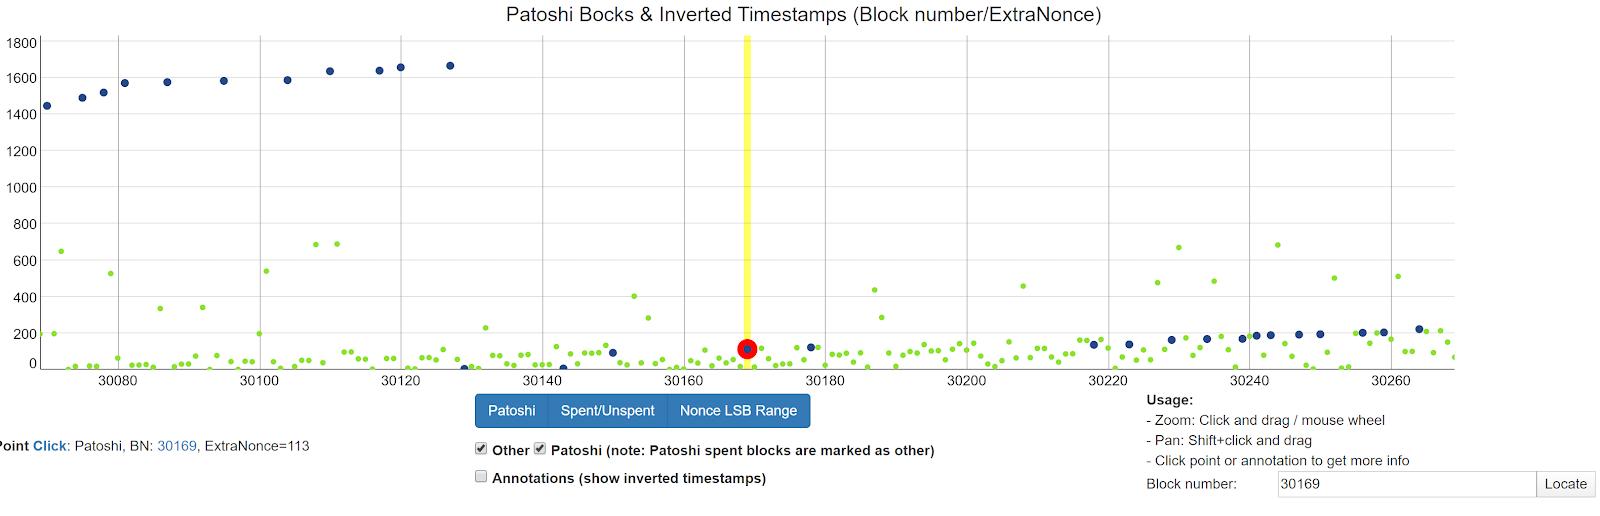 Блок 30169 Часть шаблона «Патоши».Источник.SatoshiBlocks.